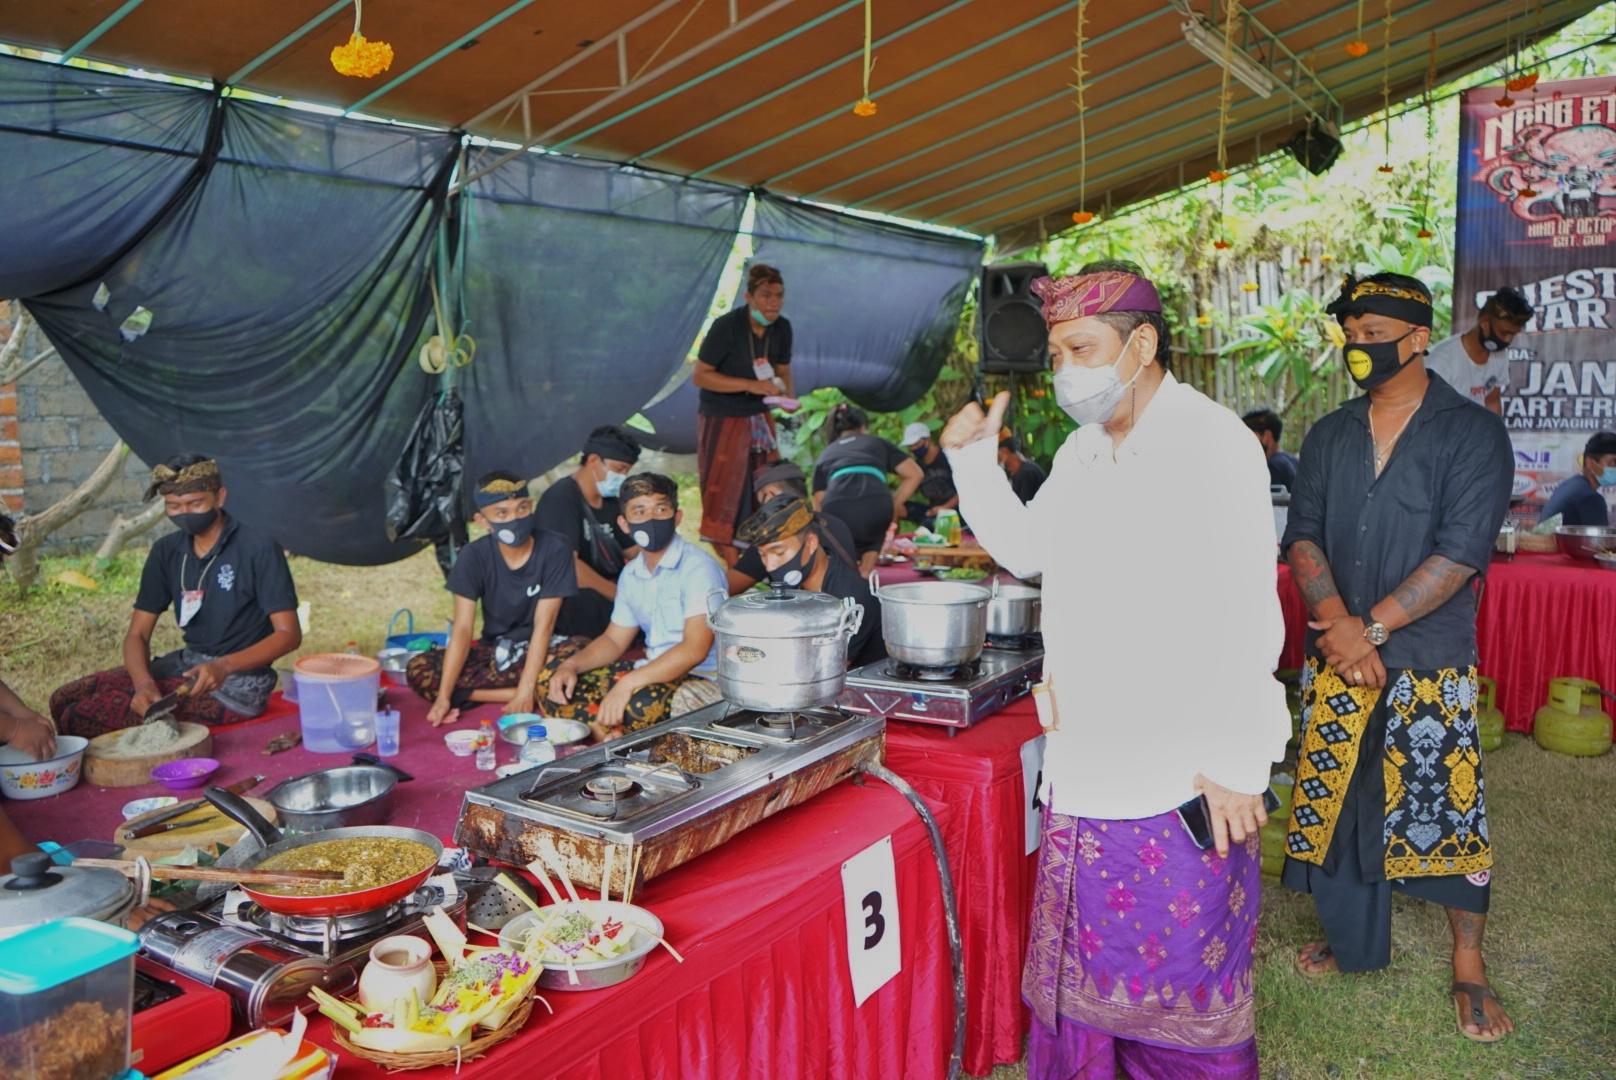 WALI Kota Rai Mantra meninjau pelaksanaan lomba lawar yang digelar di Warung Nang Etonk, Denpasar, Rabu (6/1/2021). Foto: ist